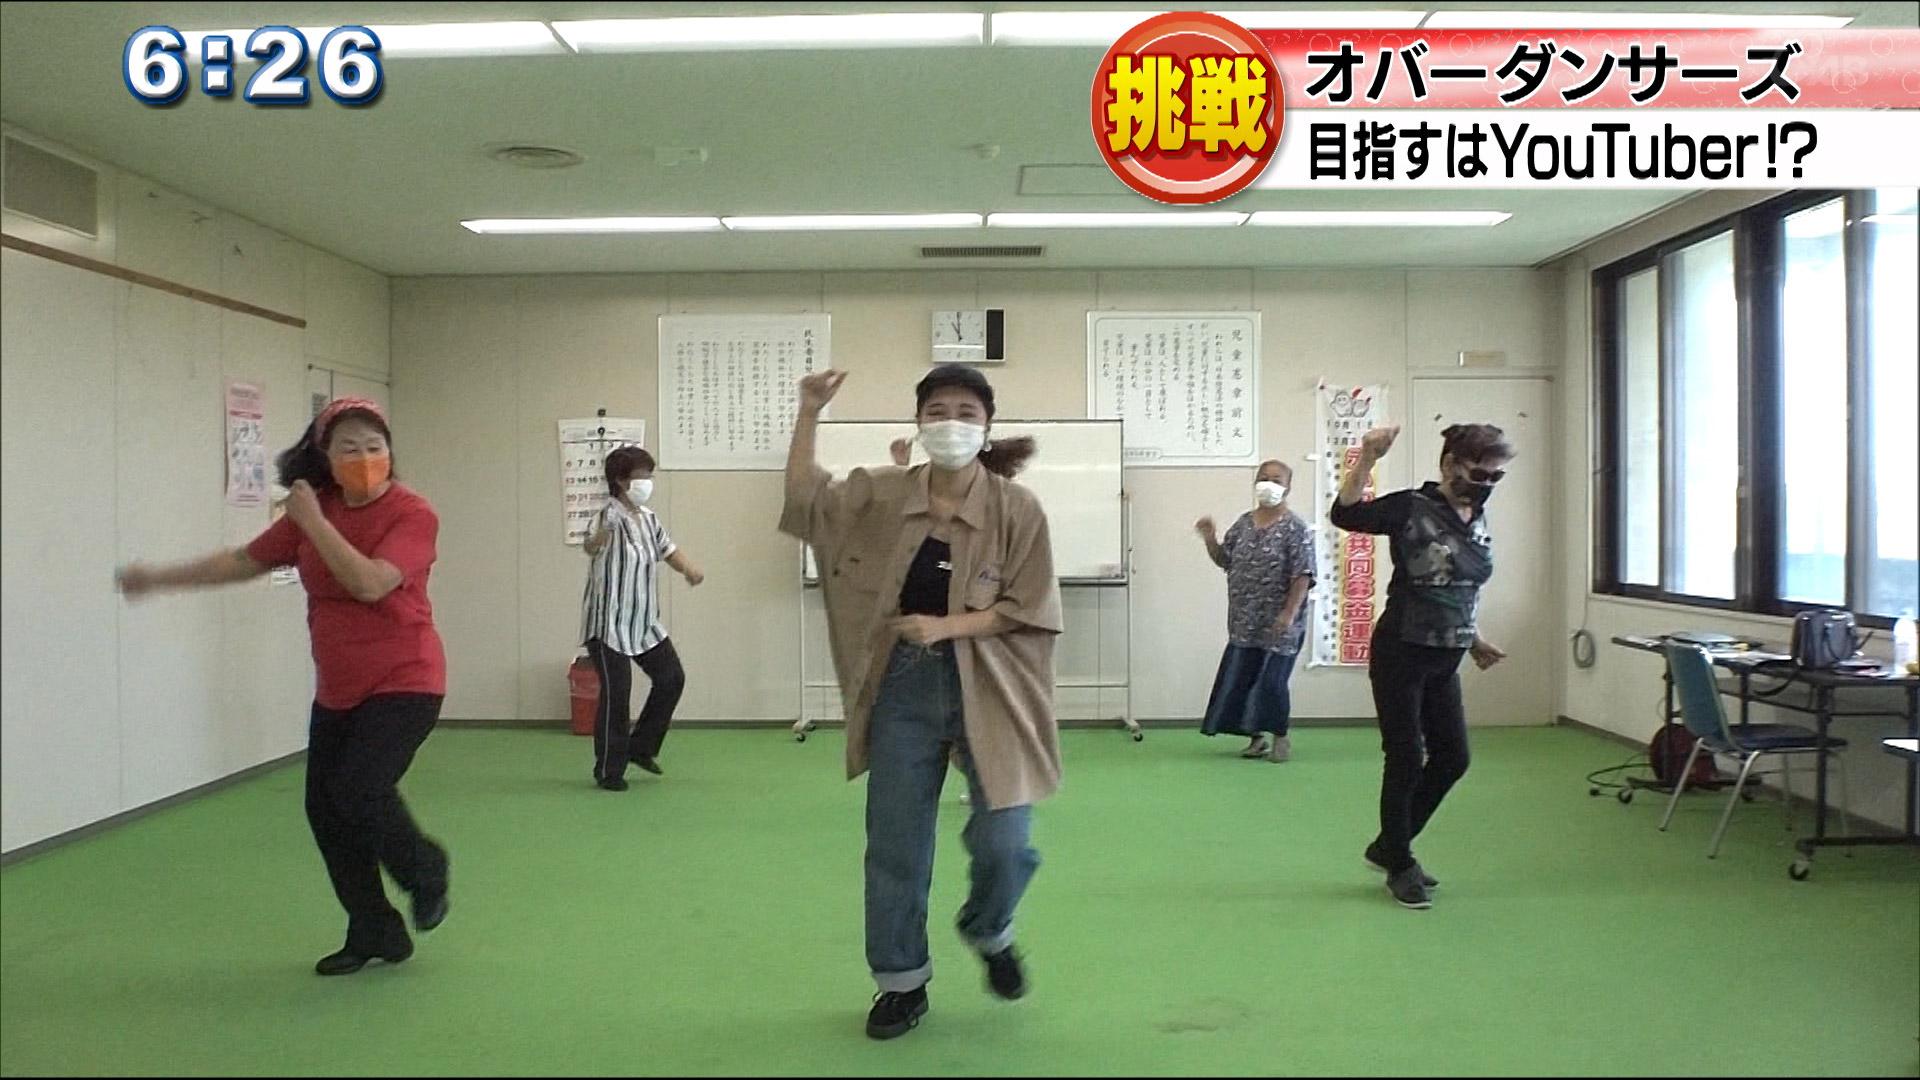 めざせYOUTUBER!? 踊るオバーダンサーズ!